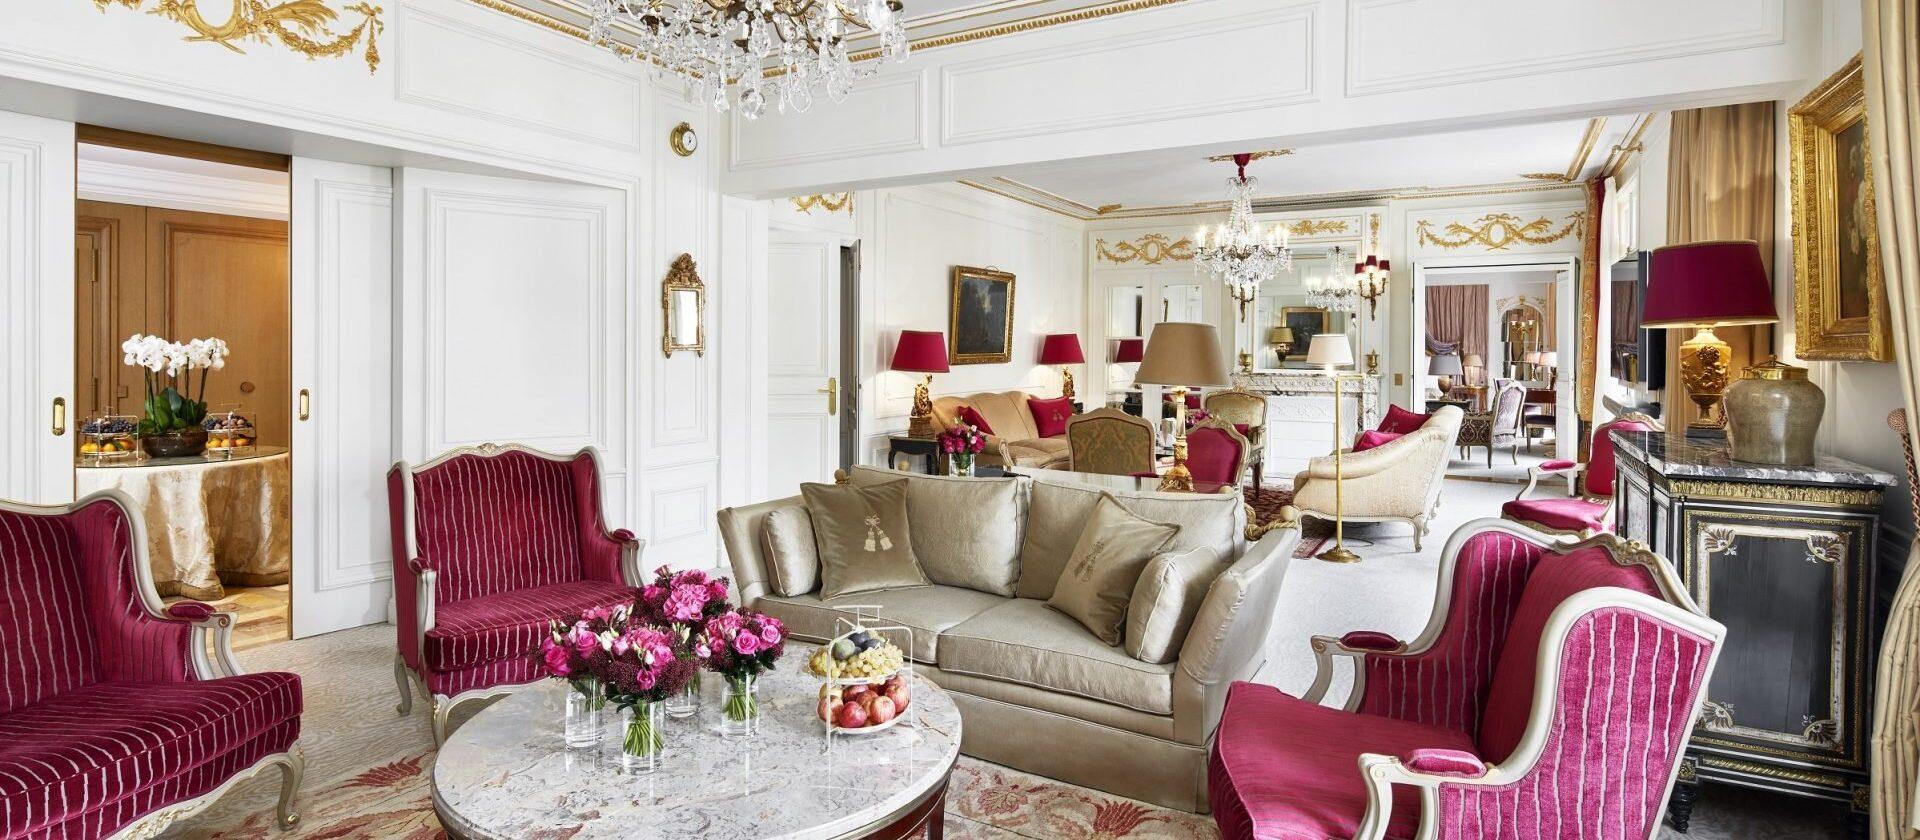 Royal suite paris h tel plaza ath n e dorchester - Salon prestige organza ...